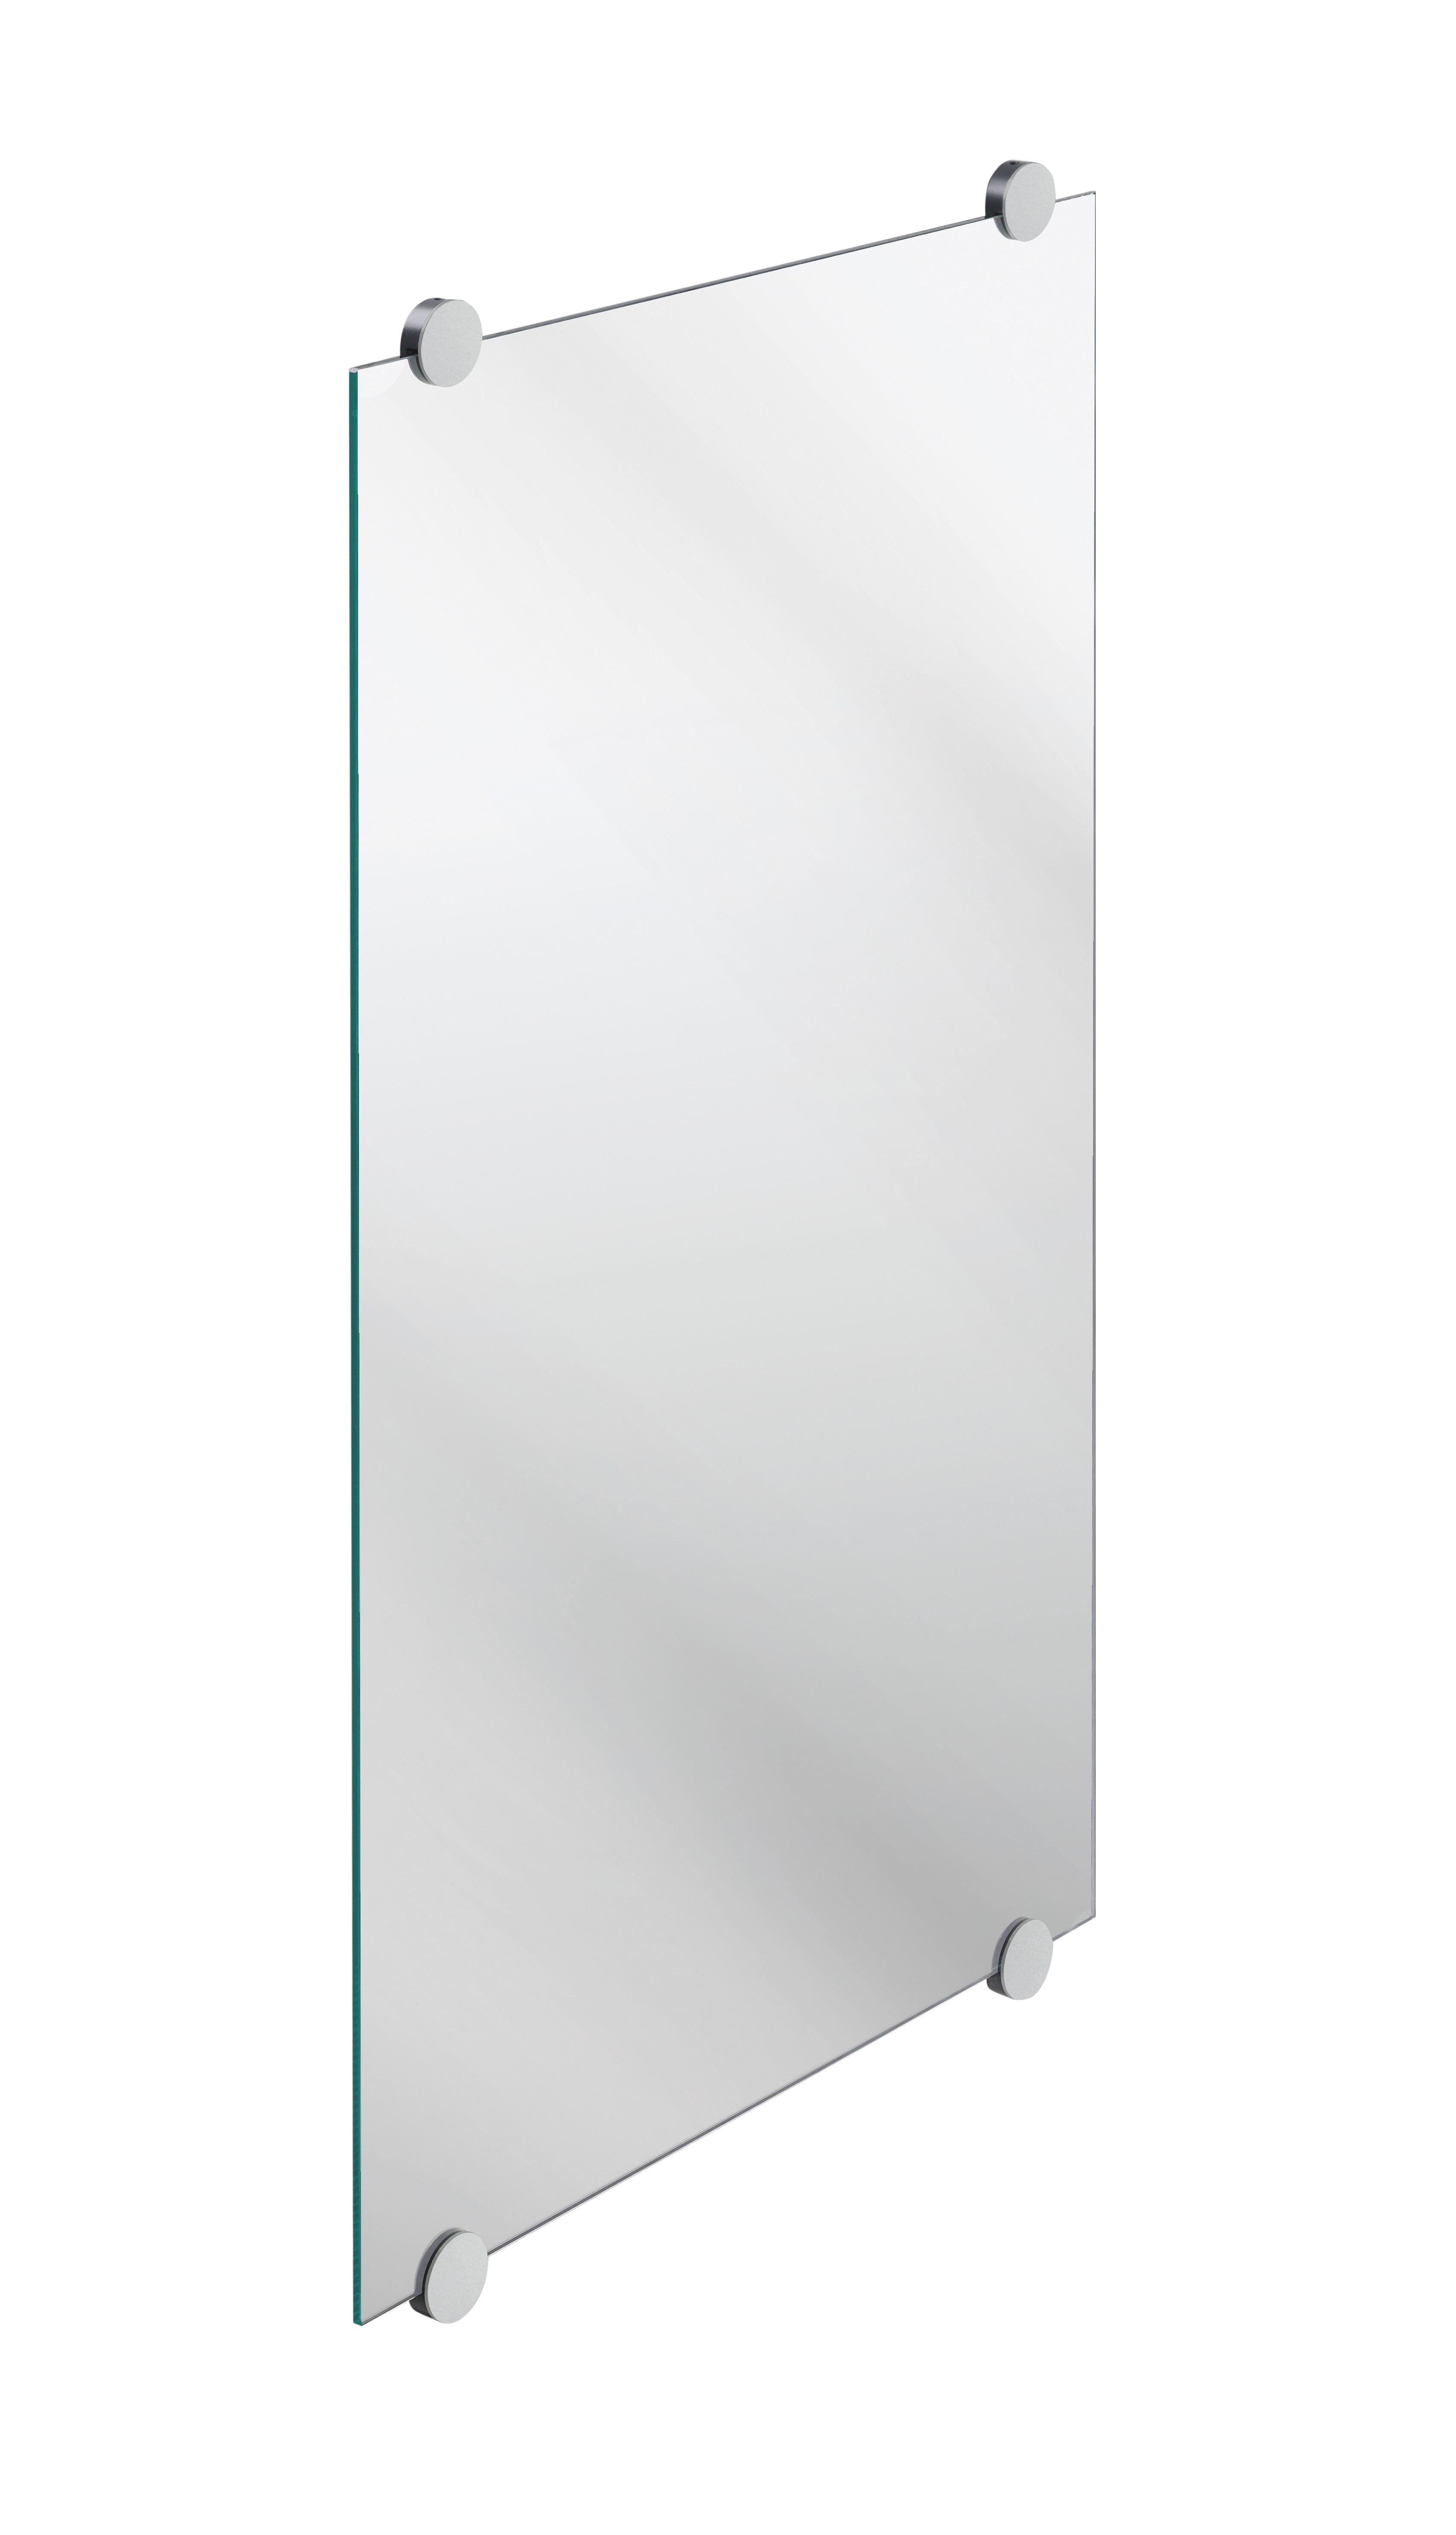 FSB Spiegel mit Halter 1000x600x6 Anthrazitgrau metallinksc (0 82 8460 00015 8809)